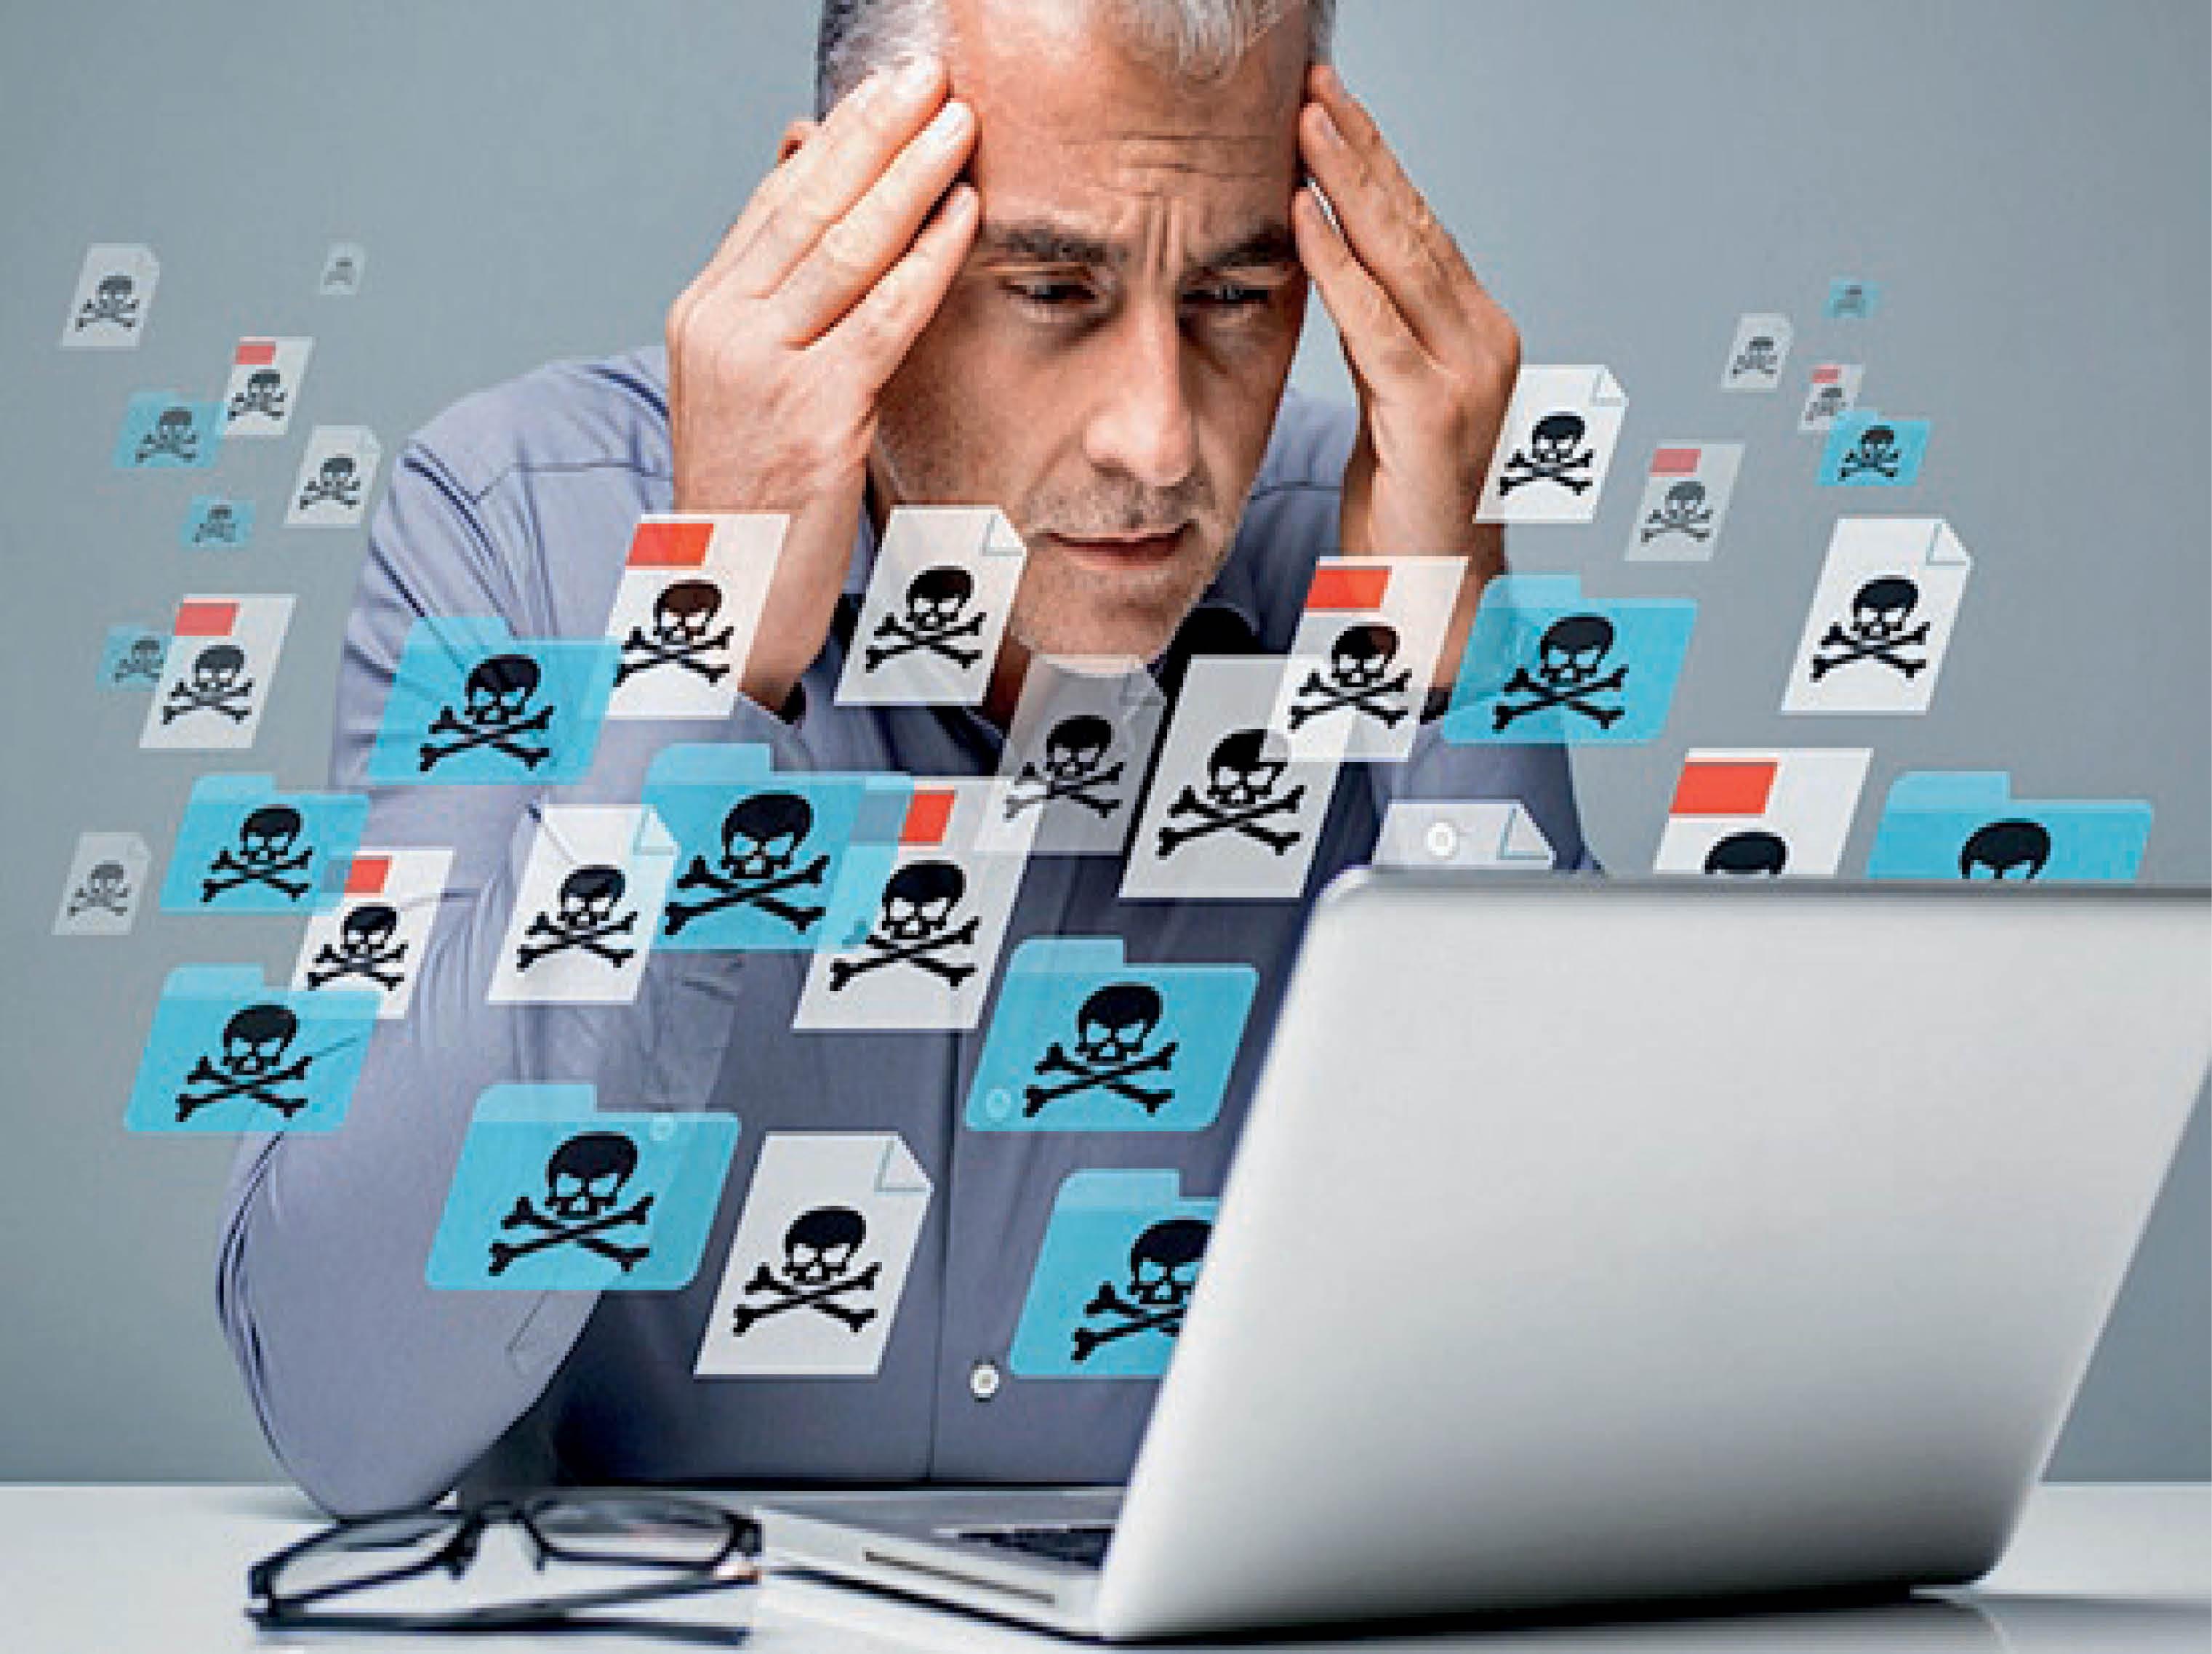 स्पाईवेयर से सबको खतरा, बचने के लिए सावधानी ही अहम; पेगासस स्पाईवेयर खतरनाक|देश,National - Dainik Bhaskar